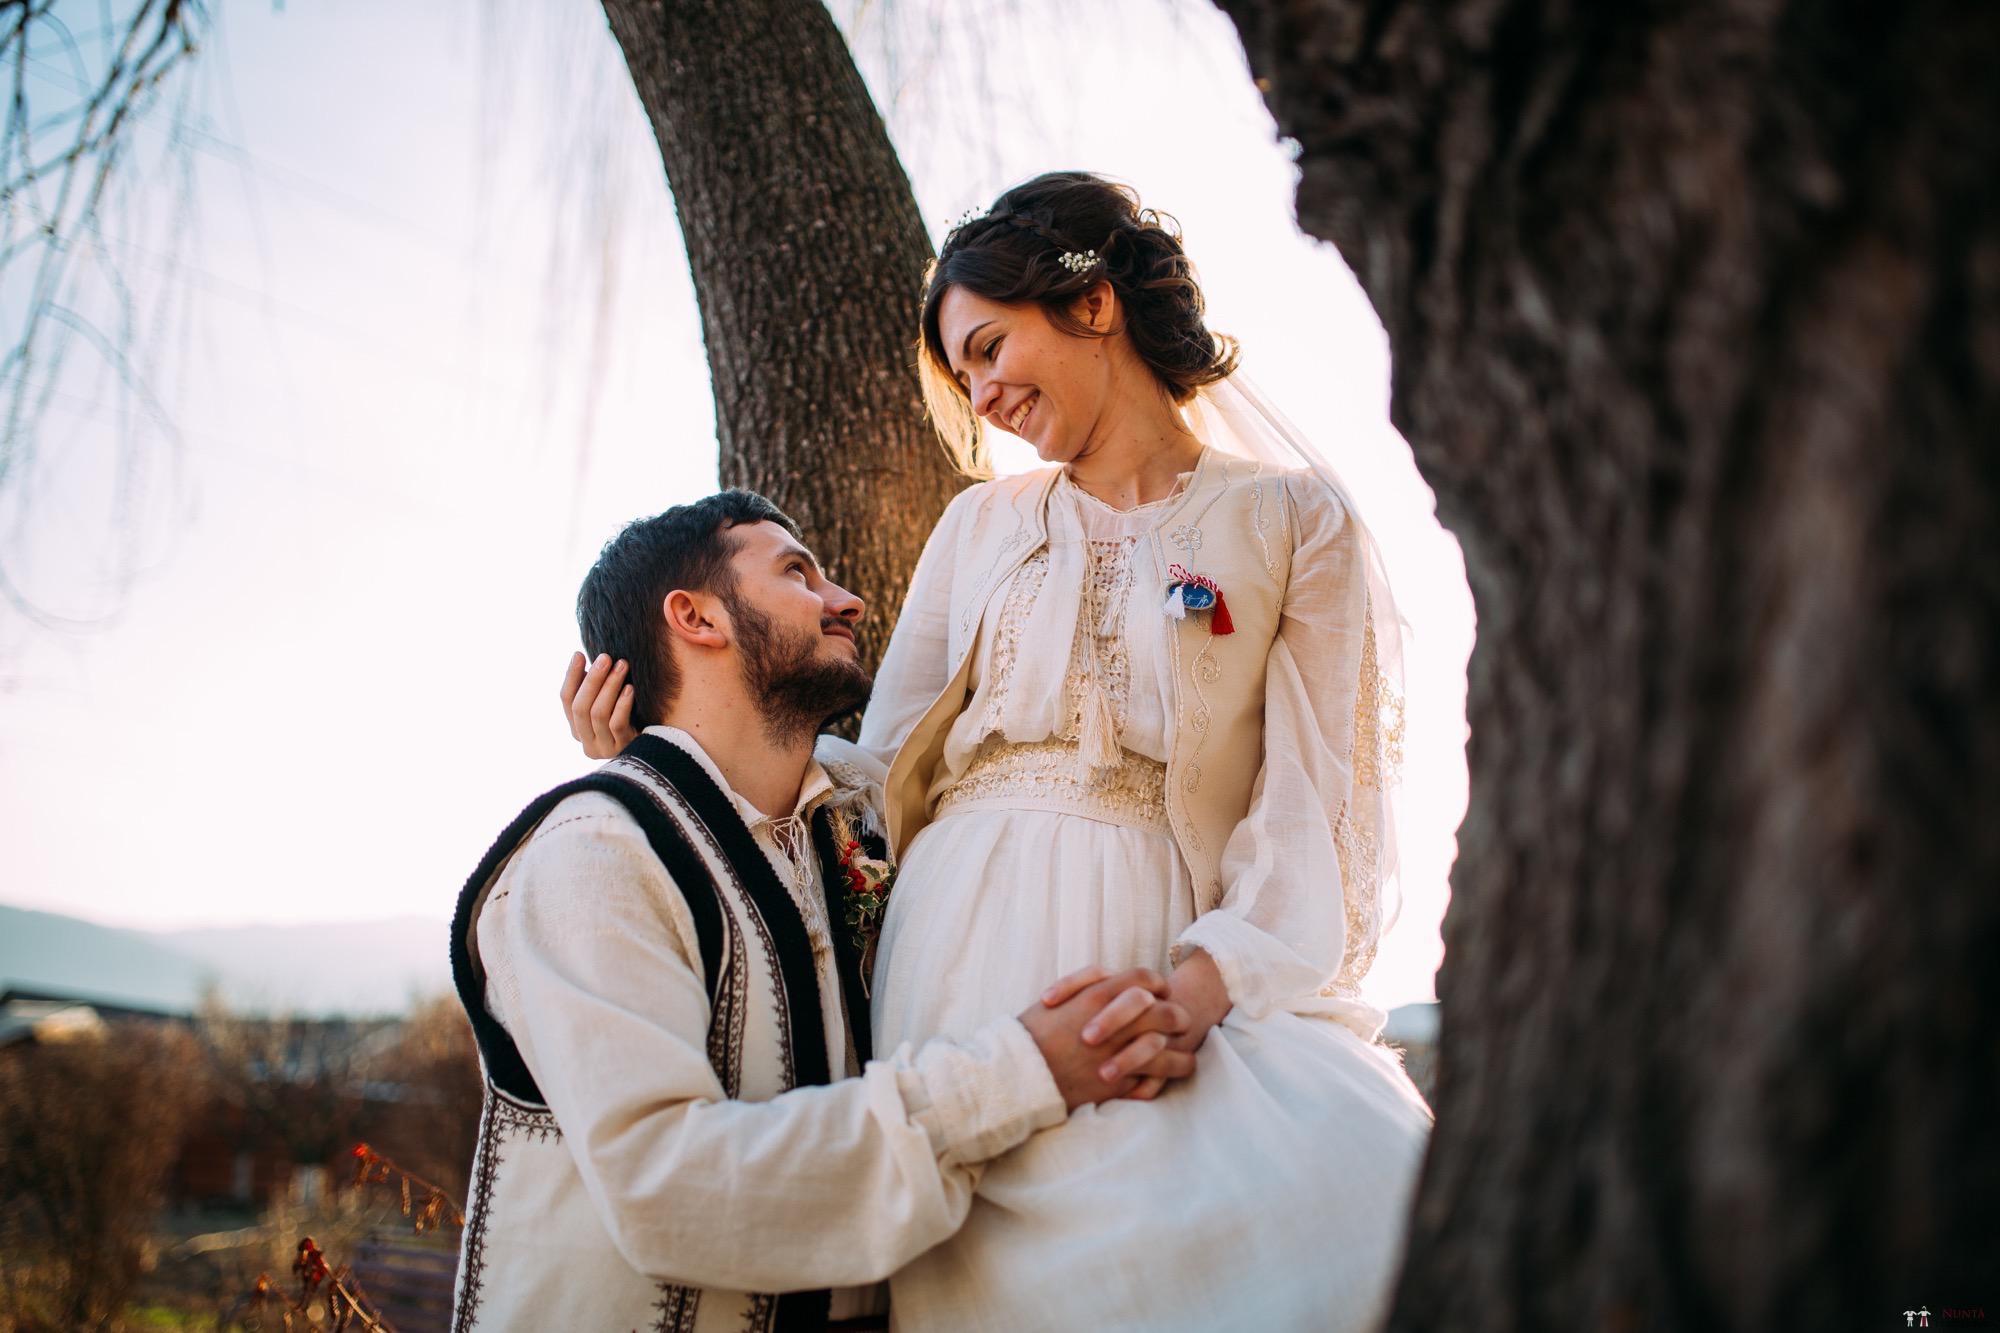 Povești Nunți Tradiționale - Gabriela și Adrian. Nuntă tradițională în Piatra Neamț 39